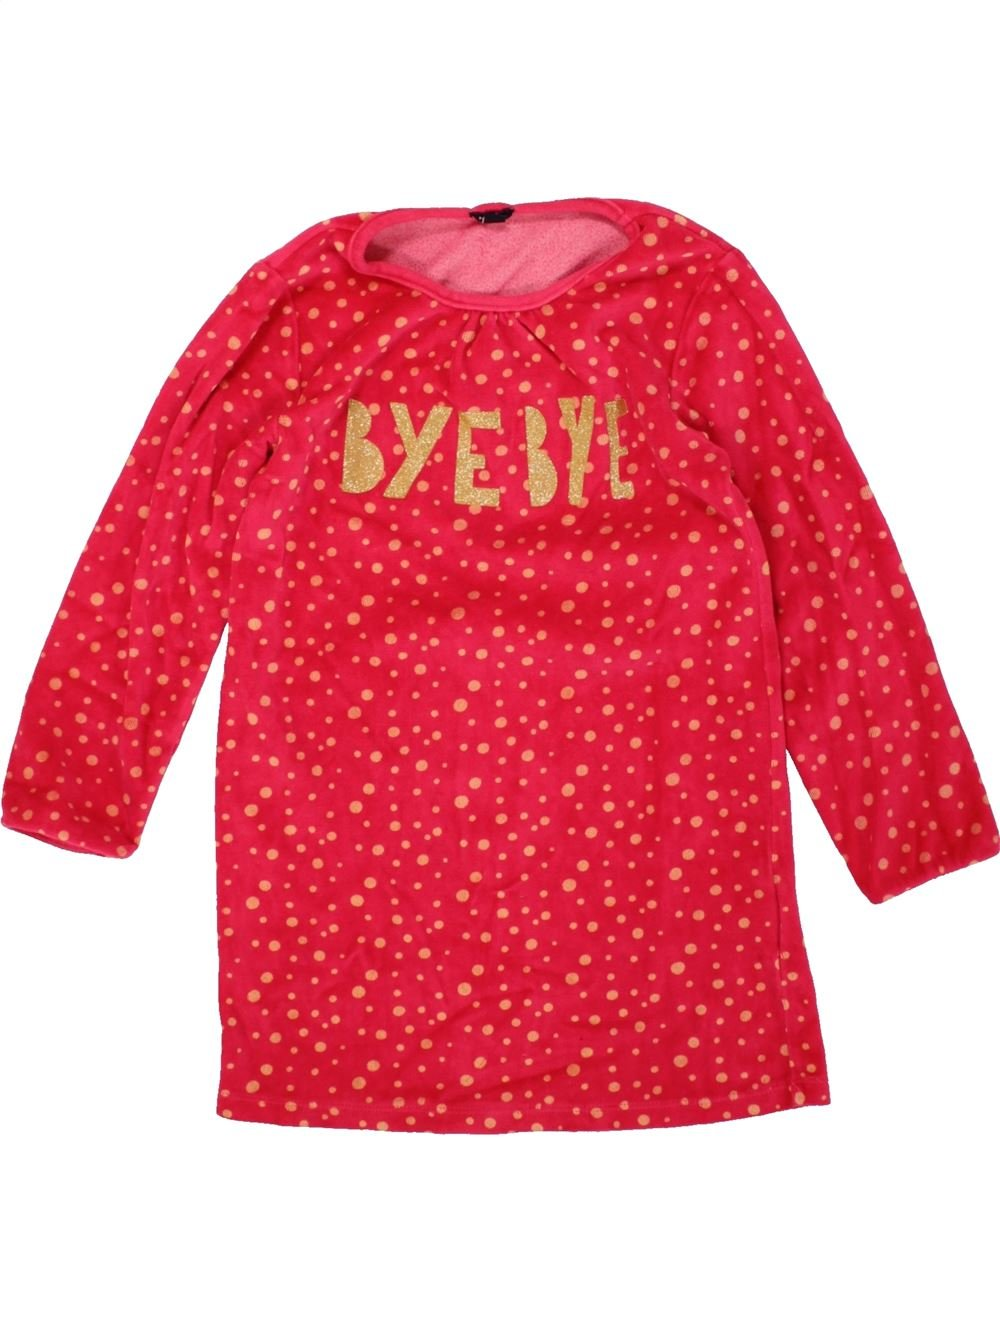 Acheter Authentic vente en magasin le meilleur Chemise de nuit Fille KIABI 6 ans pas cher, 4.75 € - #1499776